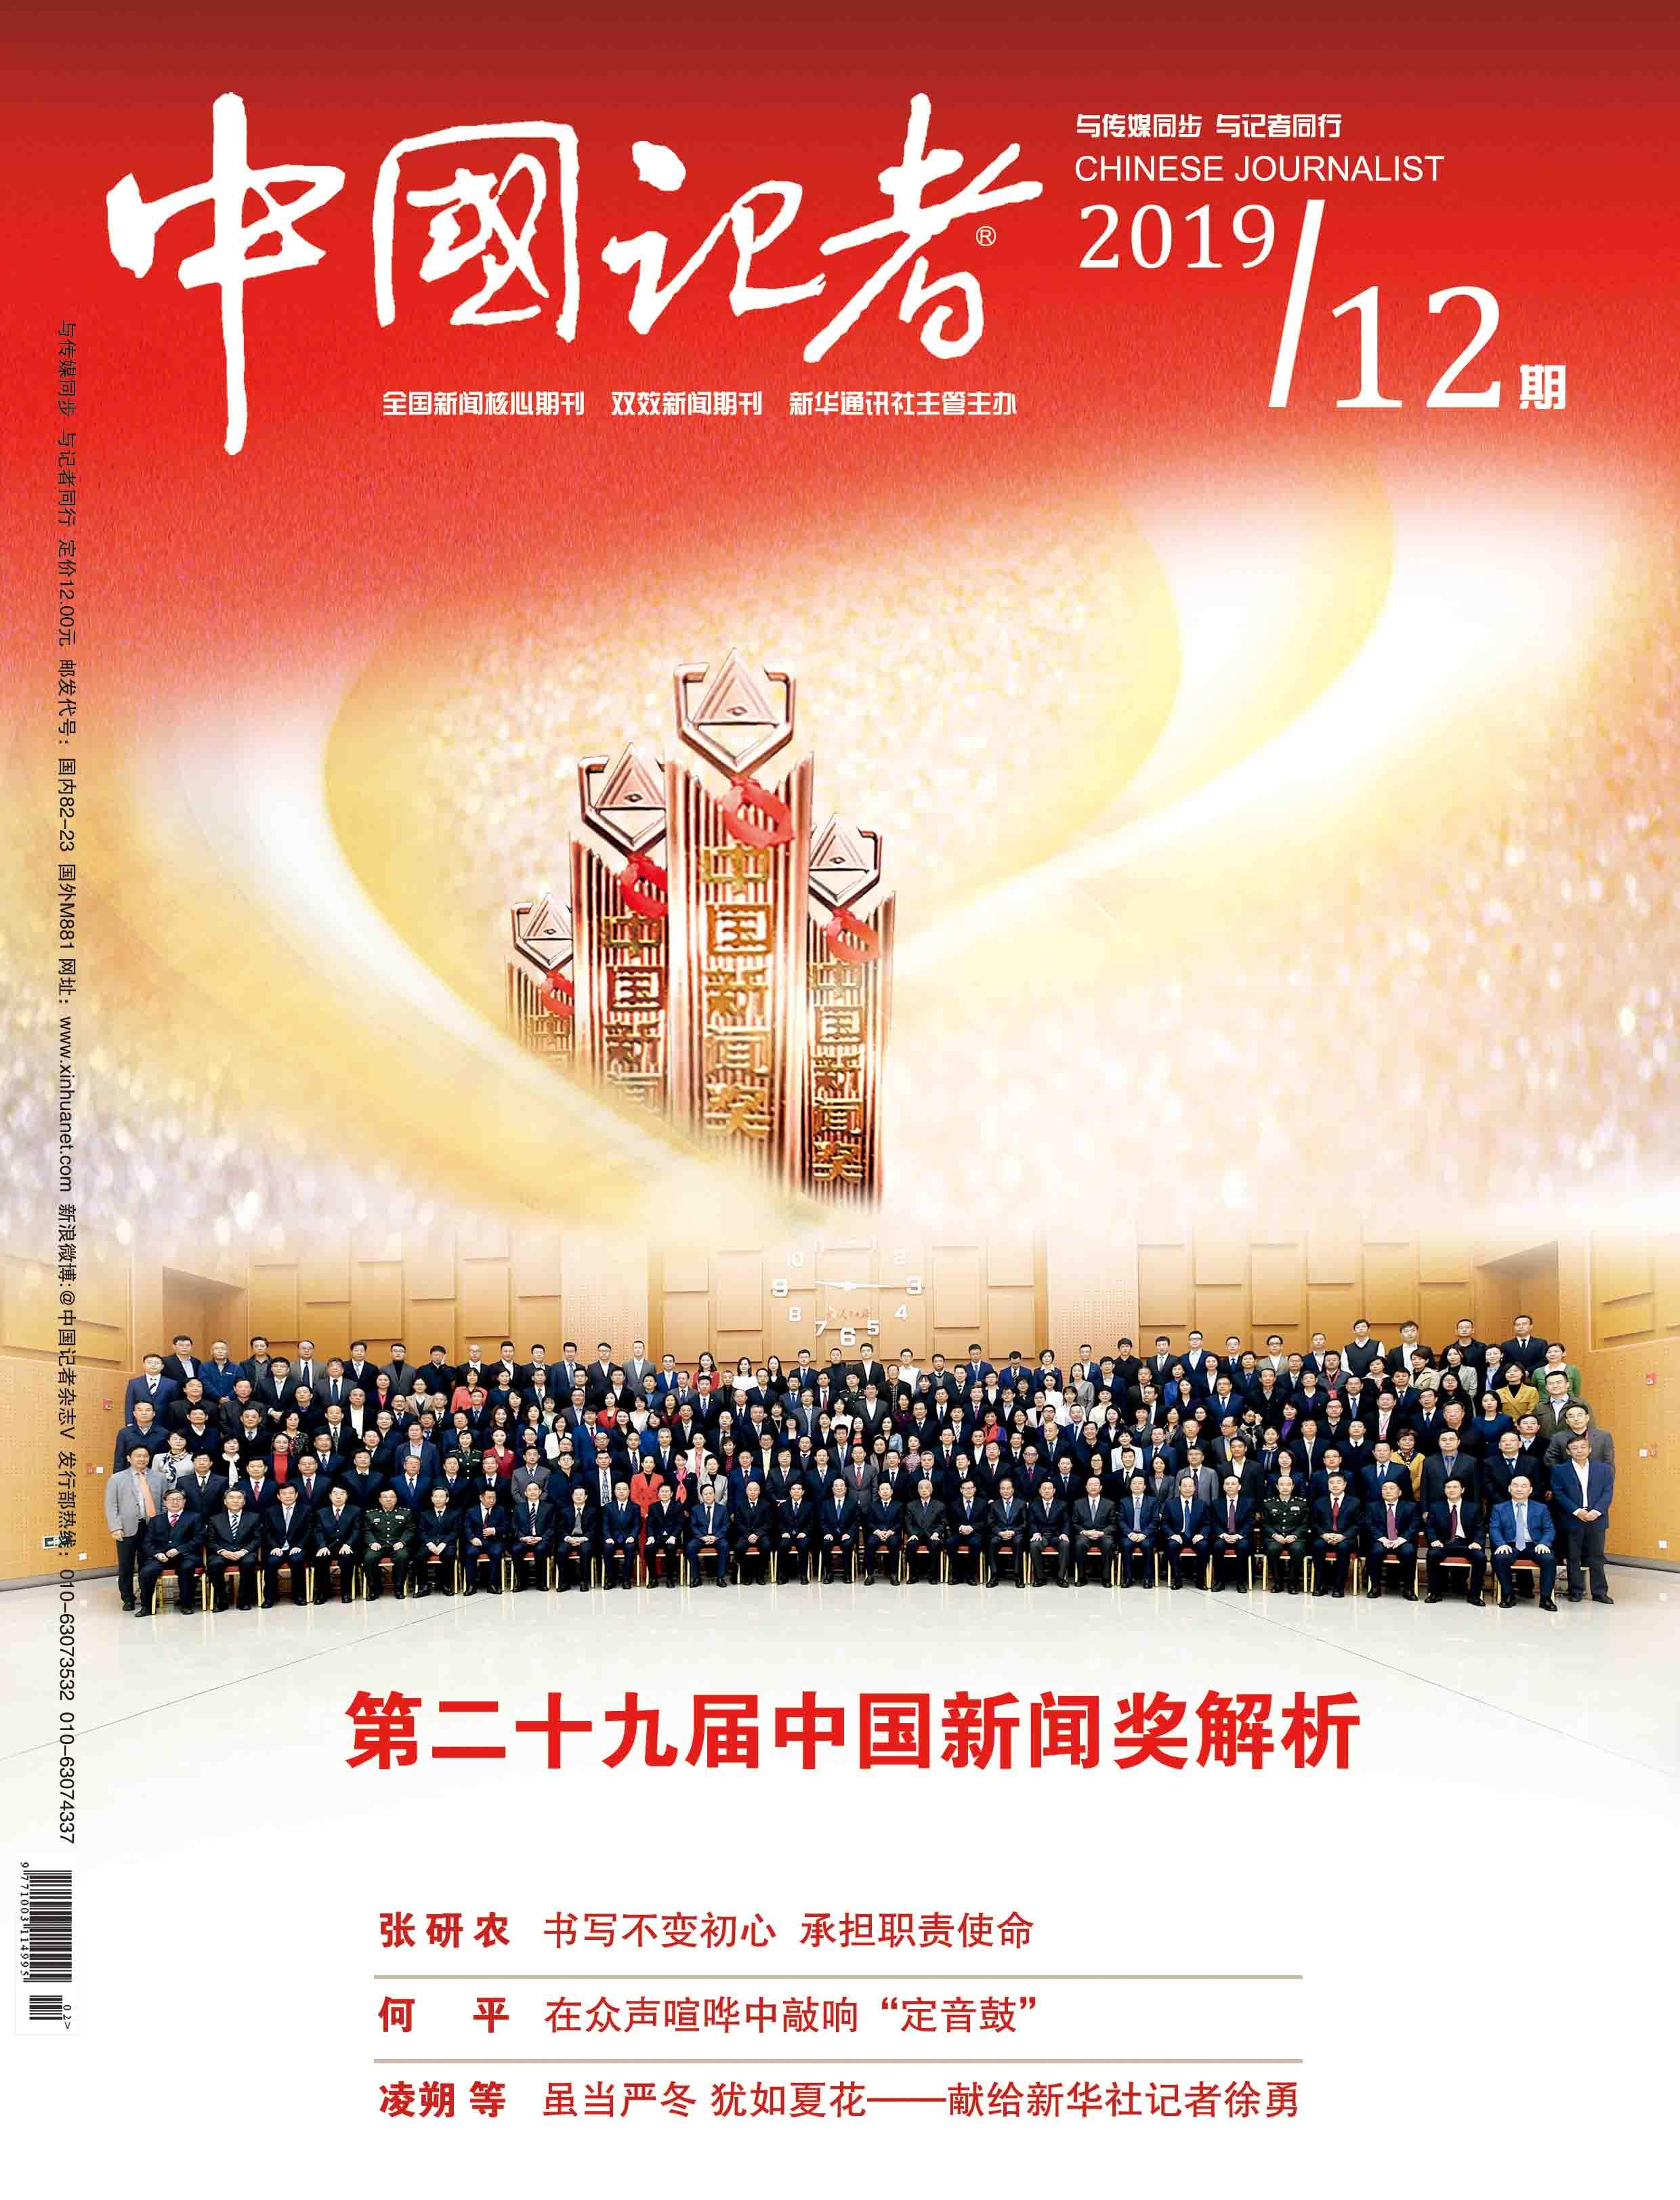 中國記者2019年第12期封面